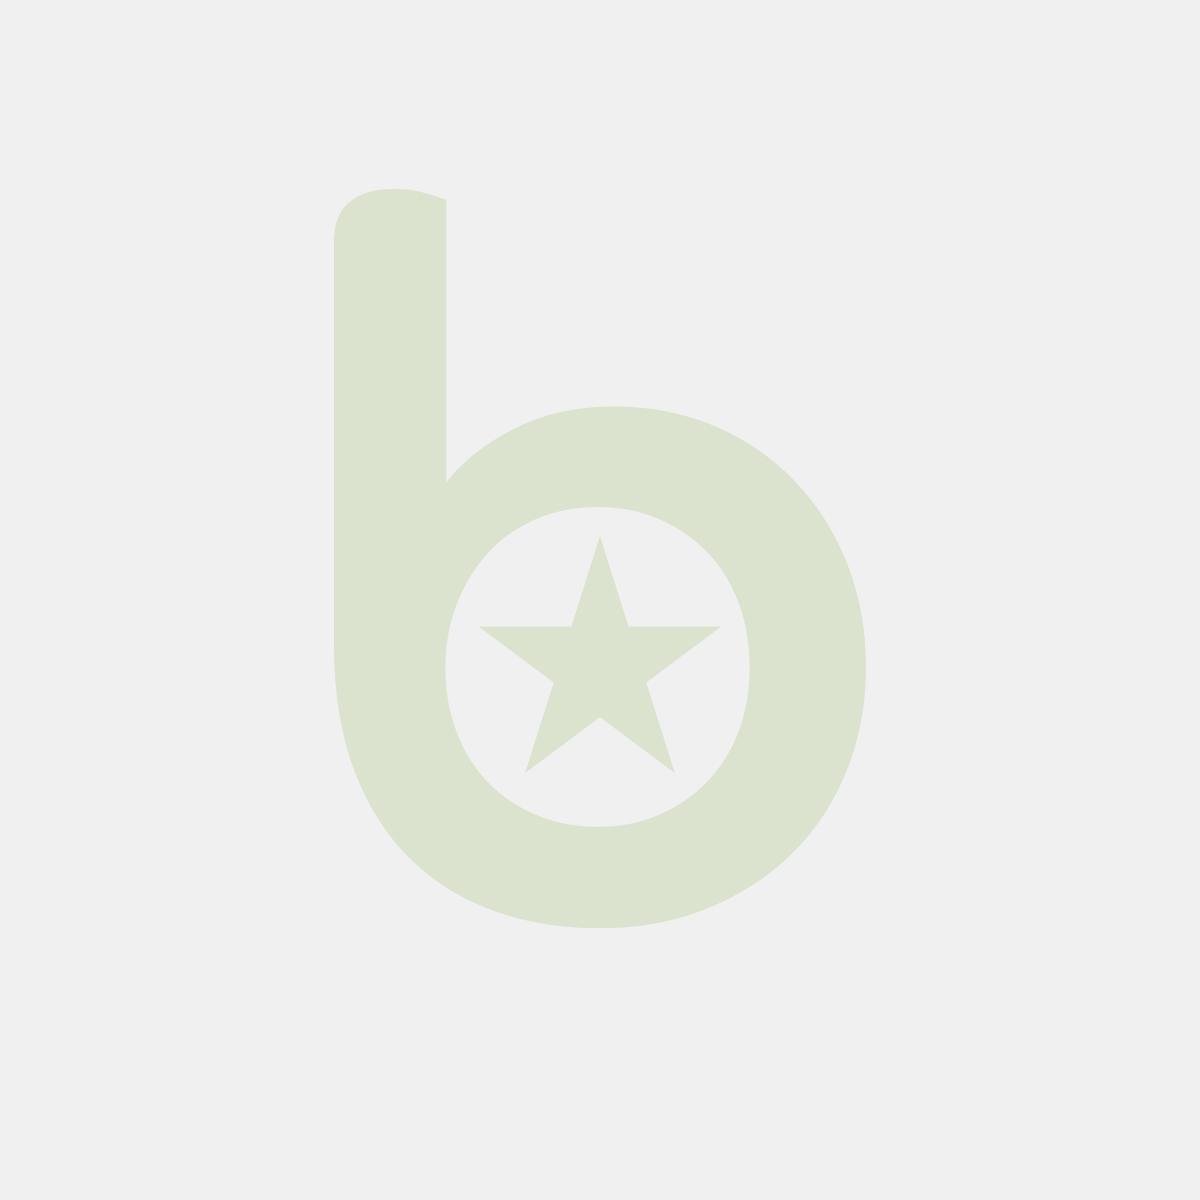 FINGERFOOD - miseczka z liścia palmowych 175ml trójkątna, Palmware®, op. 25 sztuk